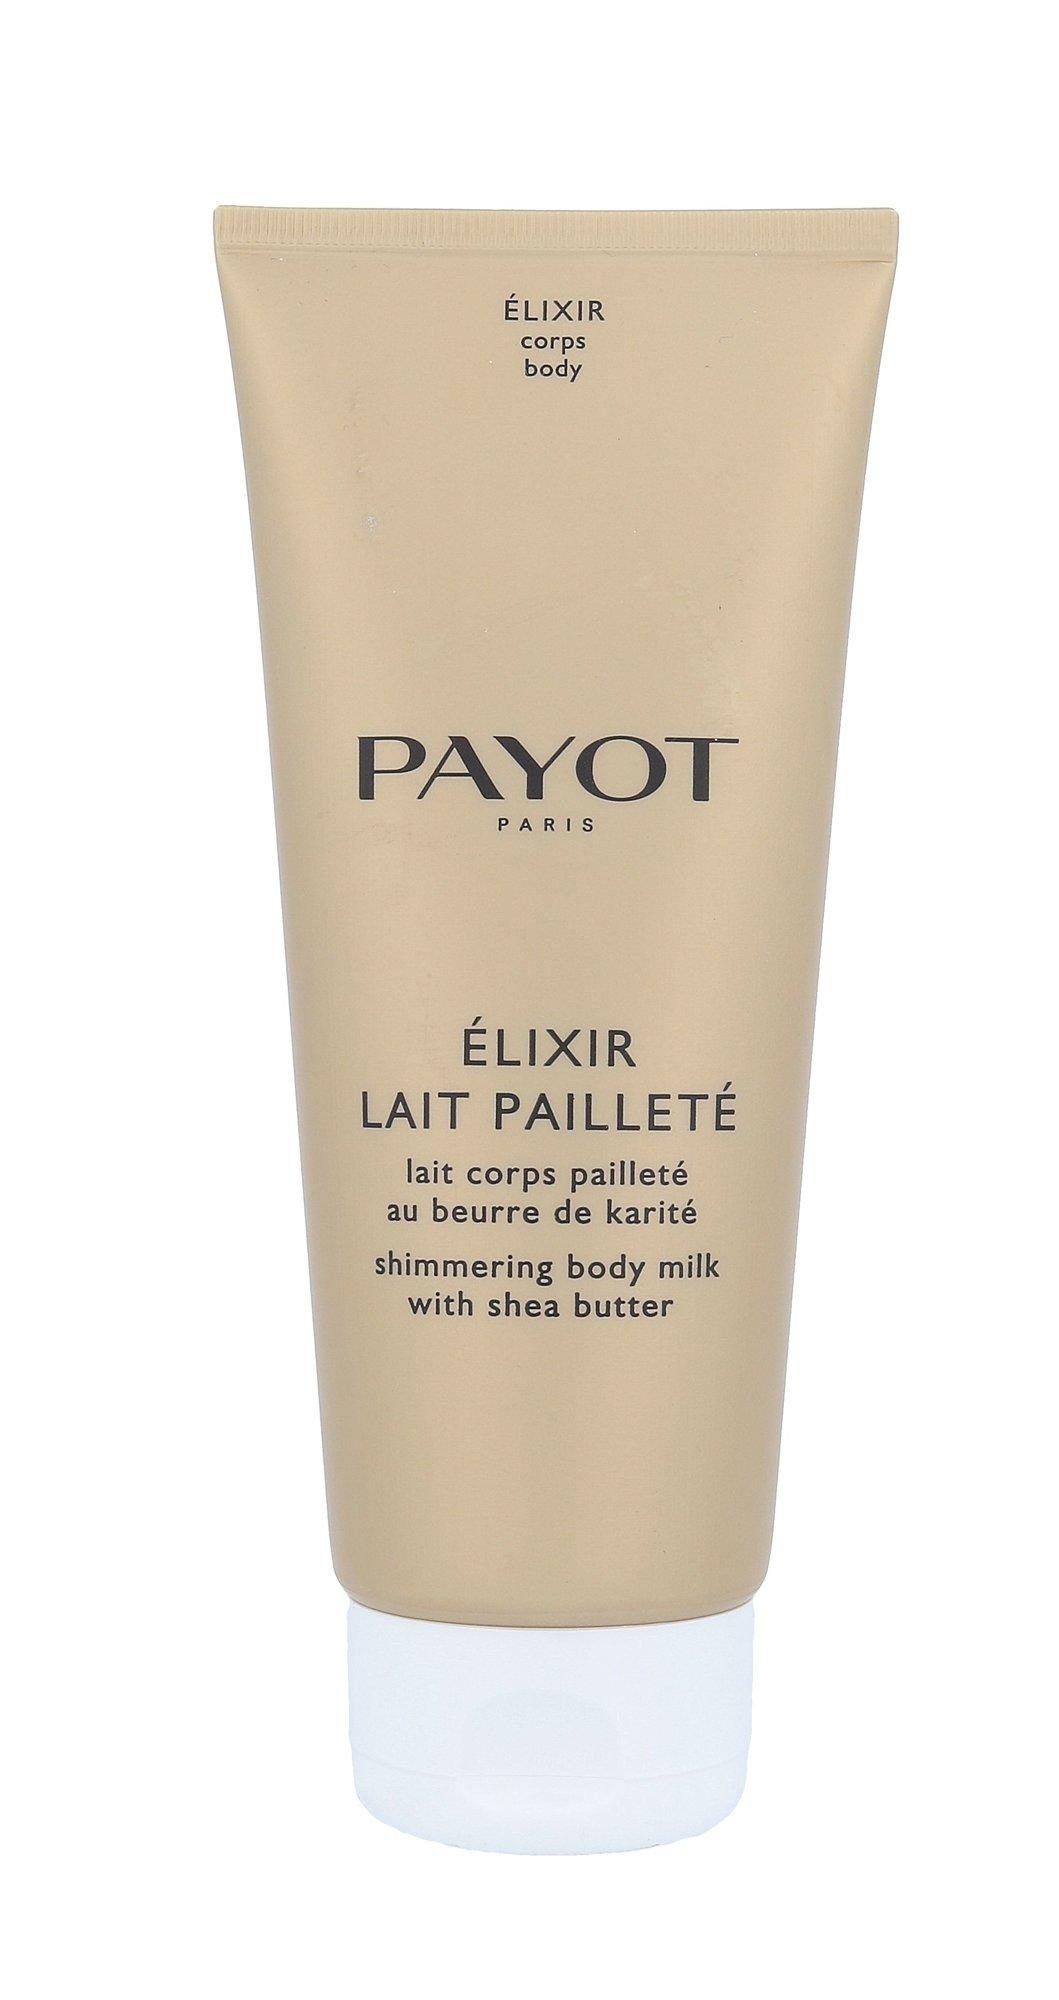 PAYOT Elixir Cosmetic 200ml  Lait Pailleté